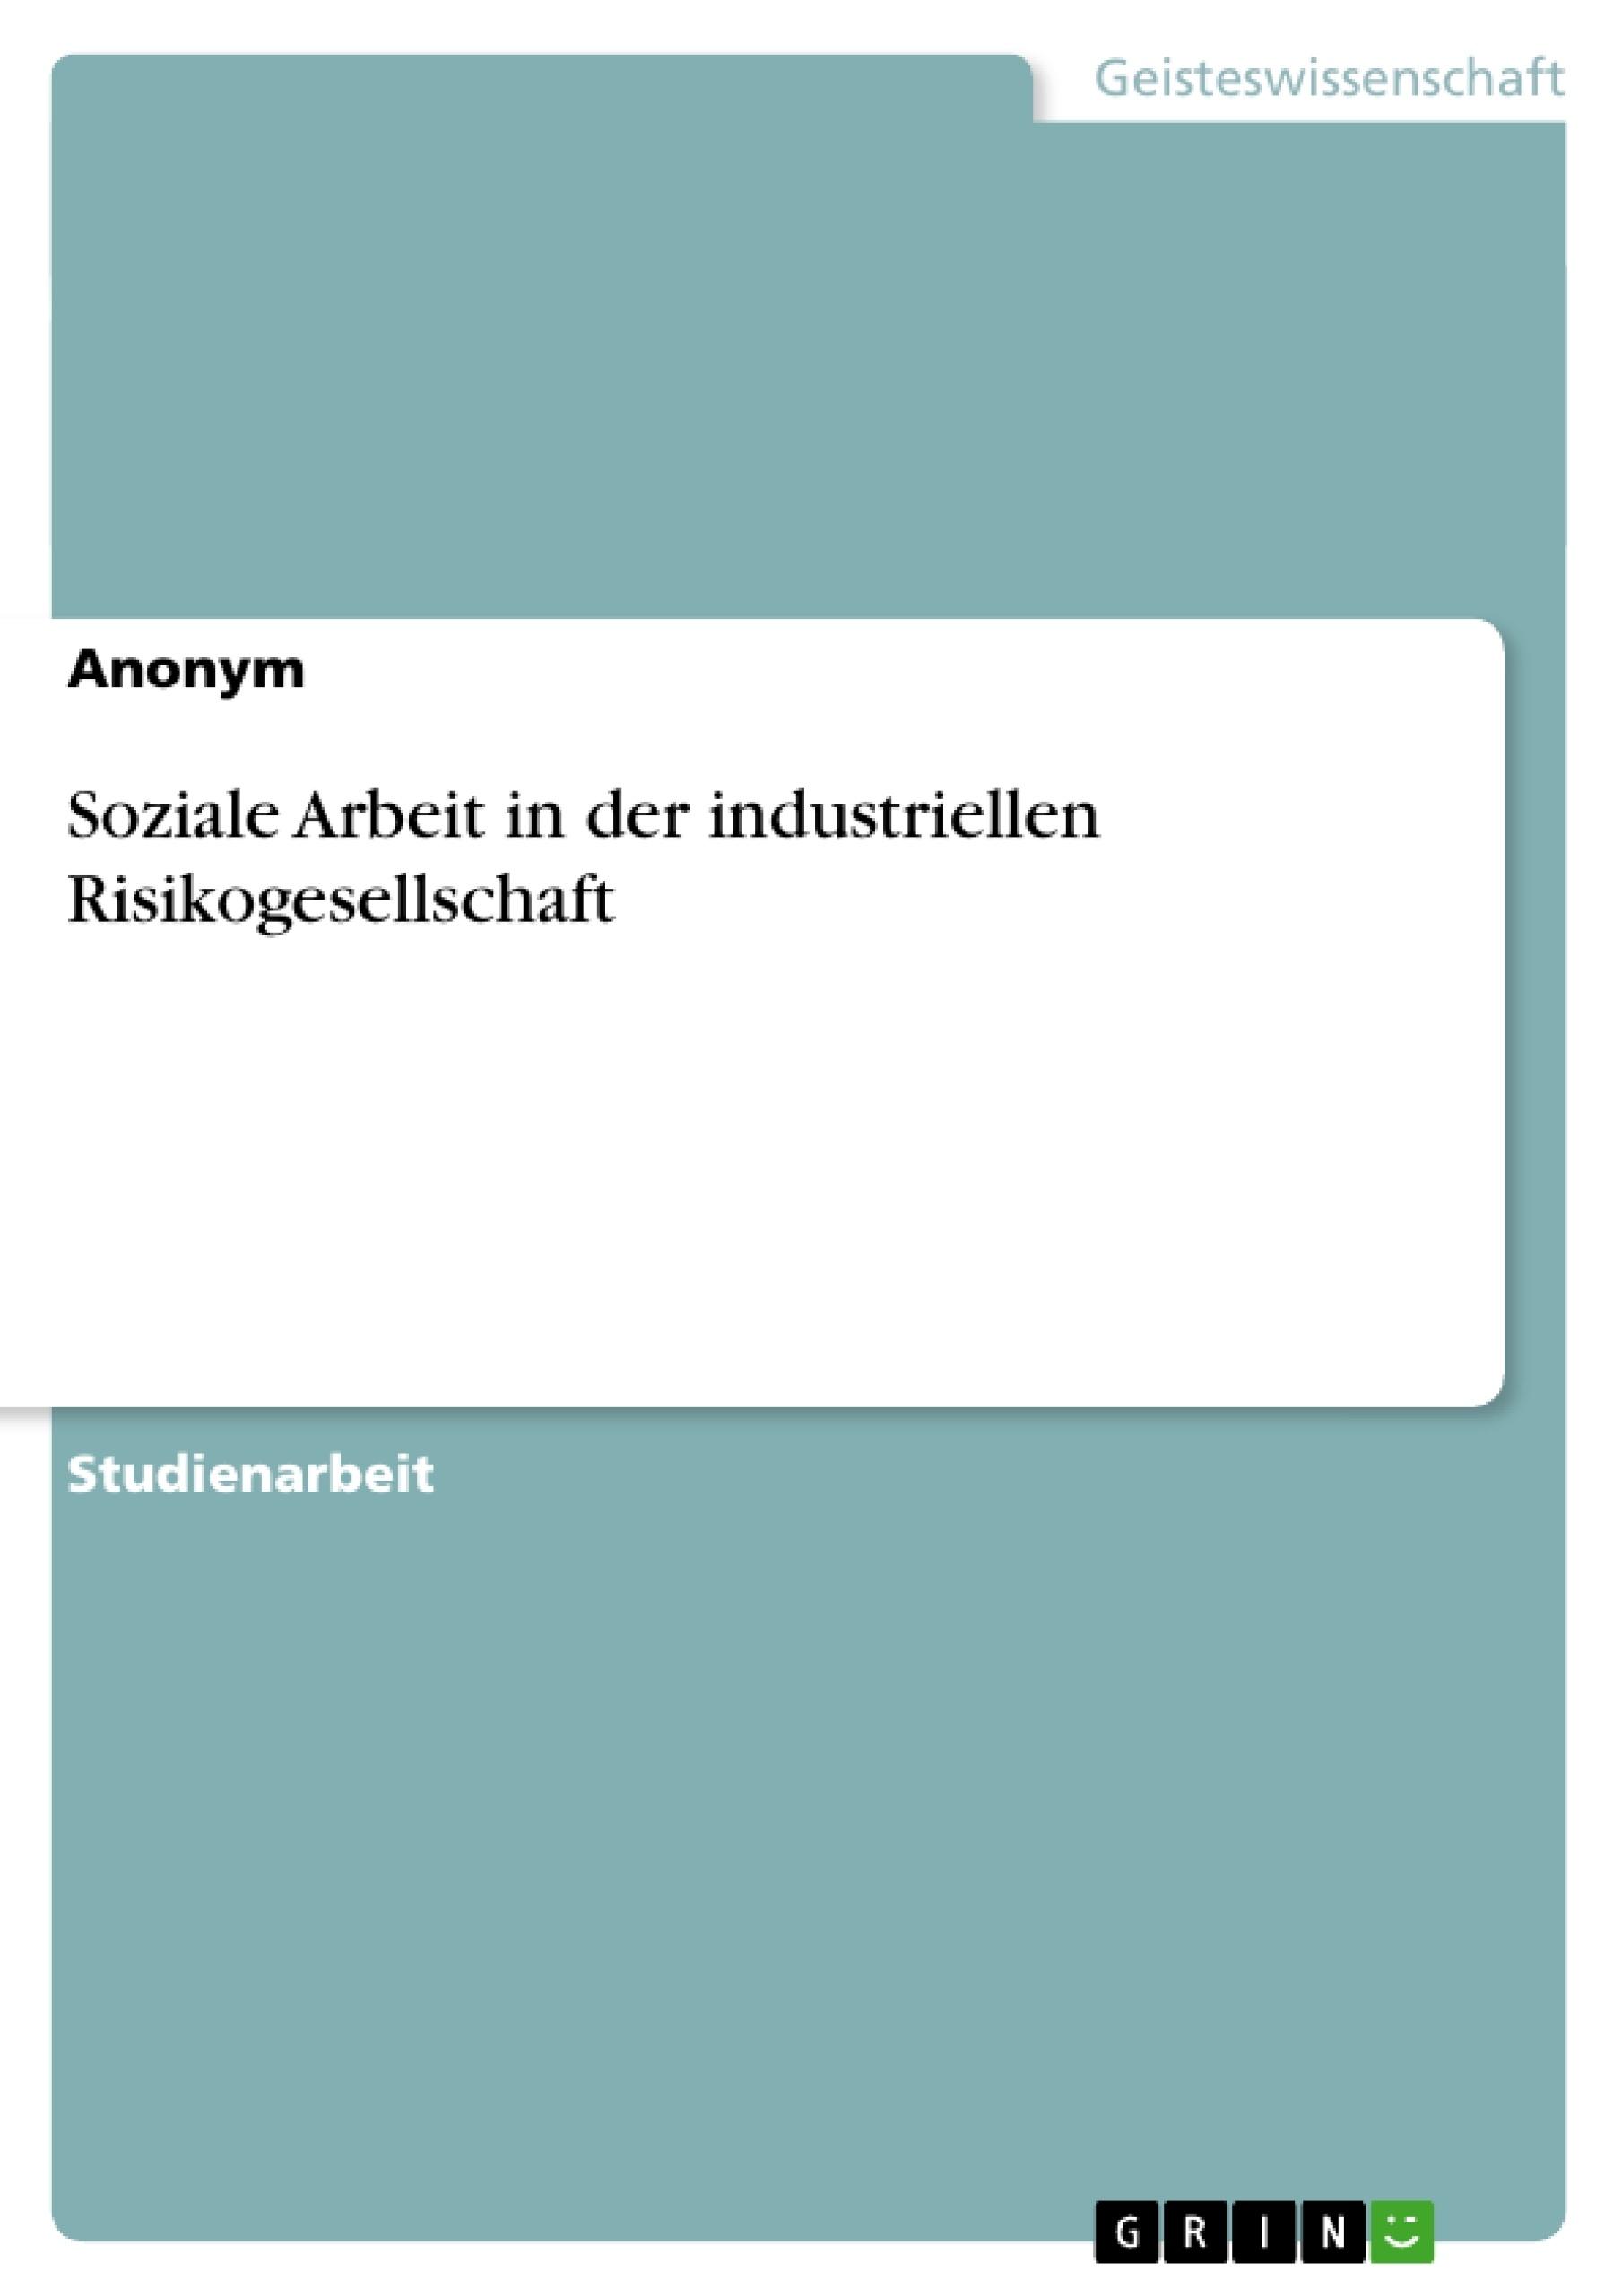 Titel: Soziale Arbeit in der industriellen Risikogesellschaft